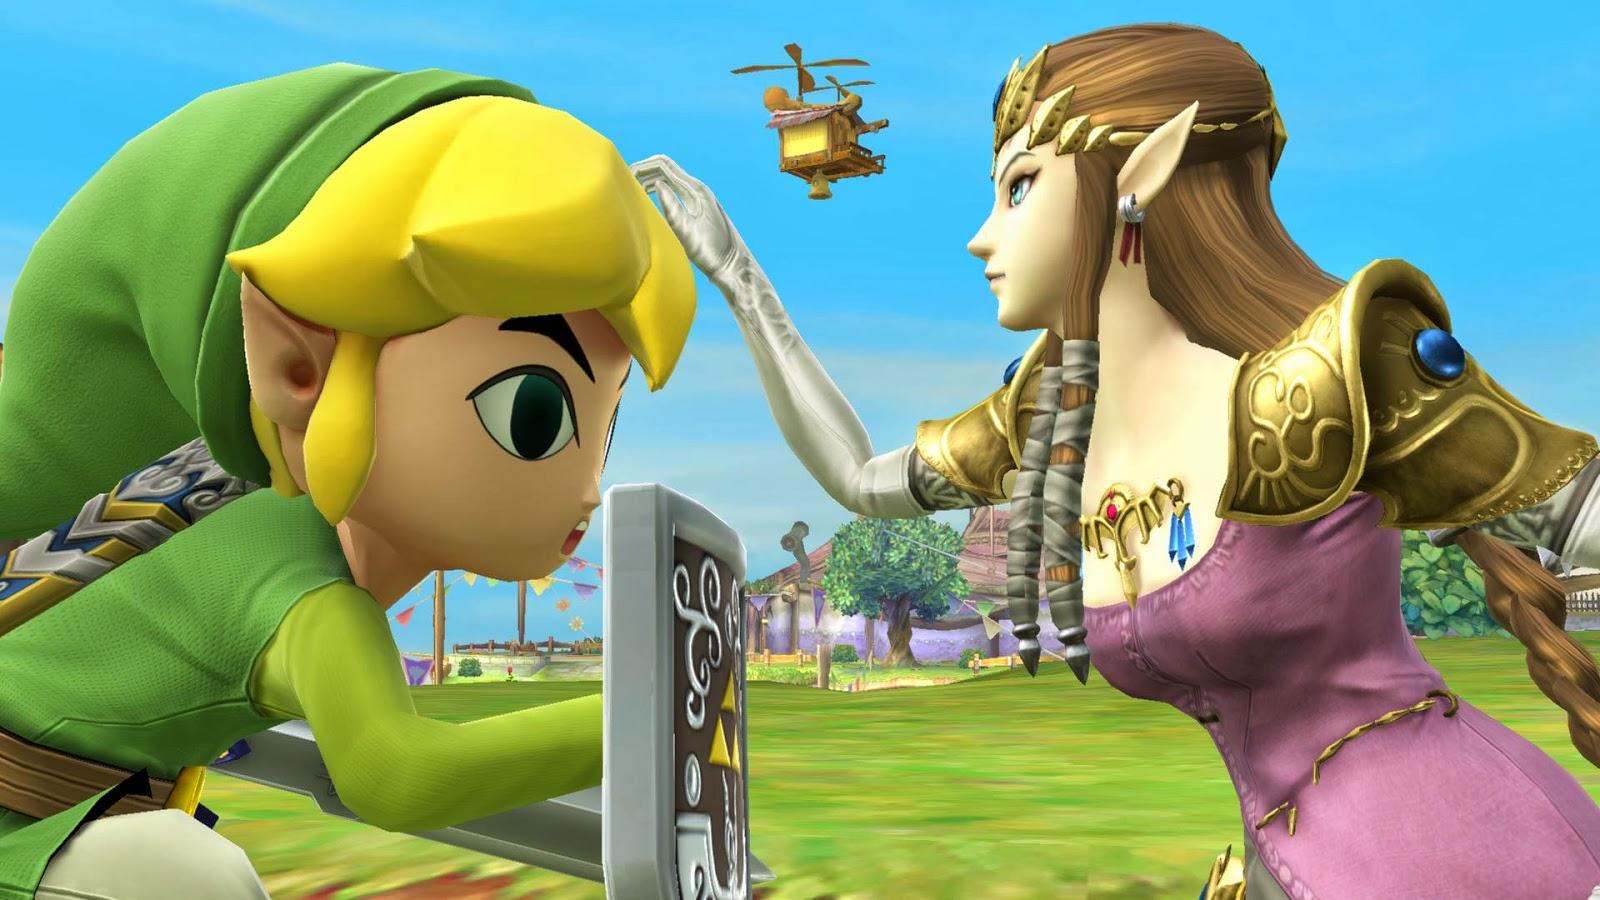 Princesa Zelda emana encanto e magia em nova rodada de